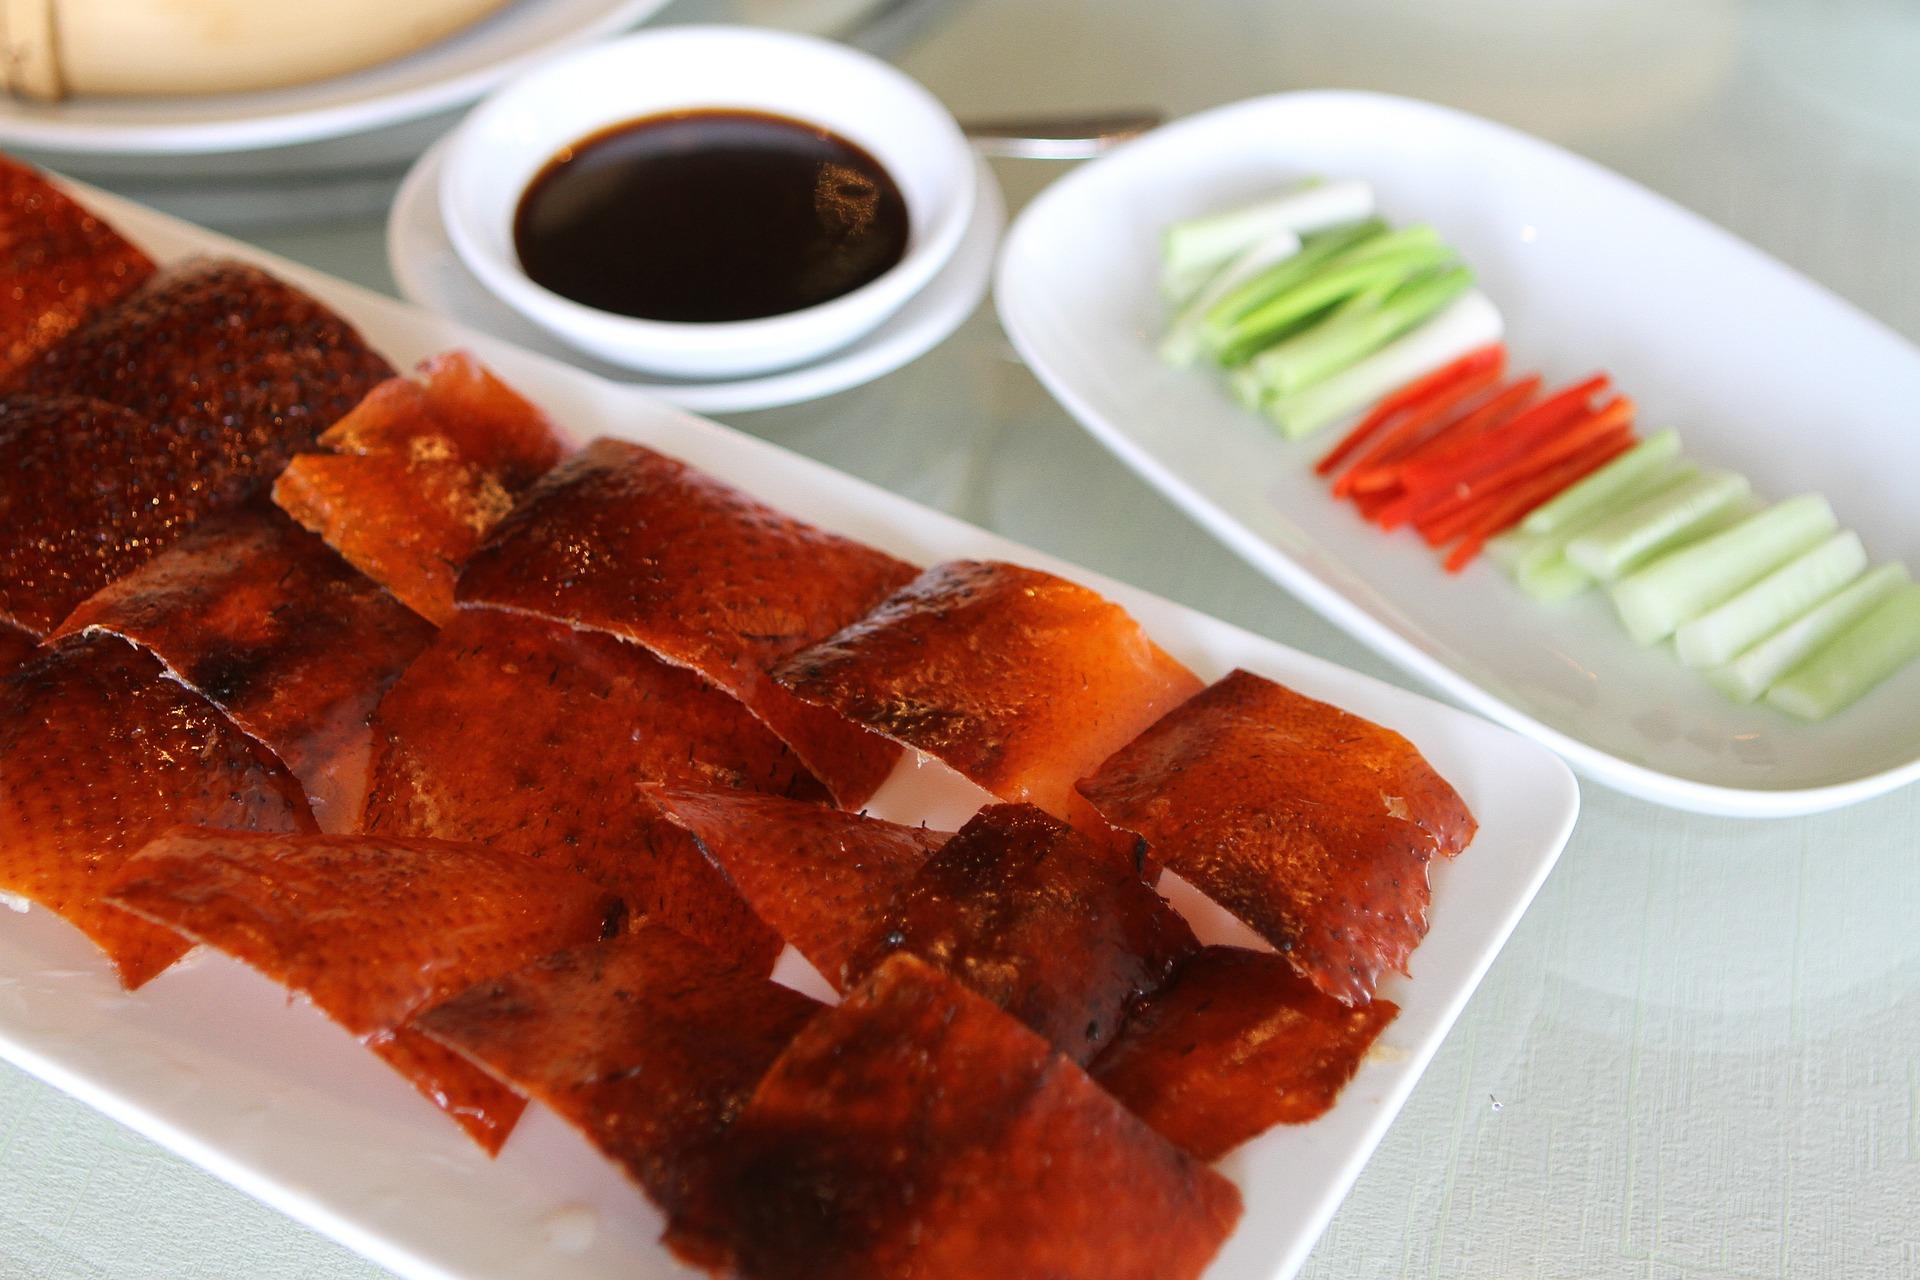 北京ダックの上手な食べ方をマスター!食べる時のマナーや美味しい人気店も!